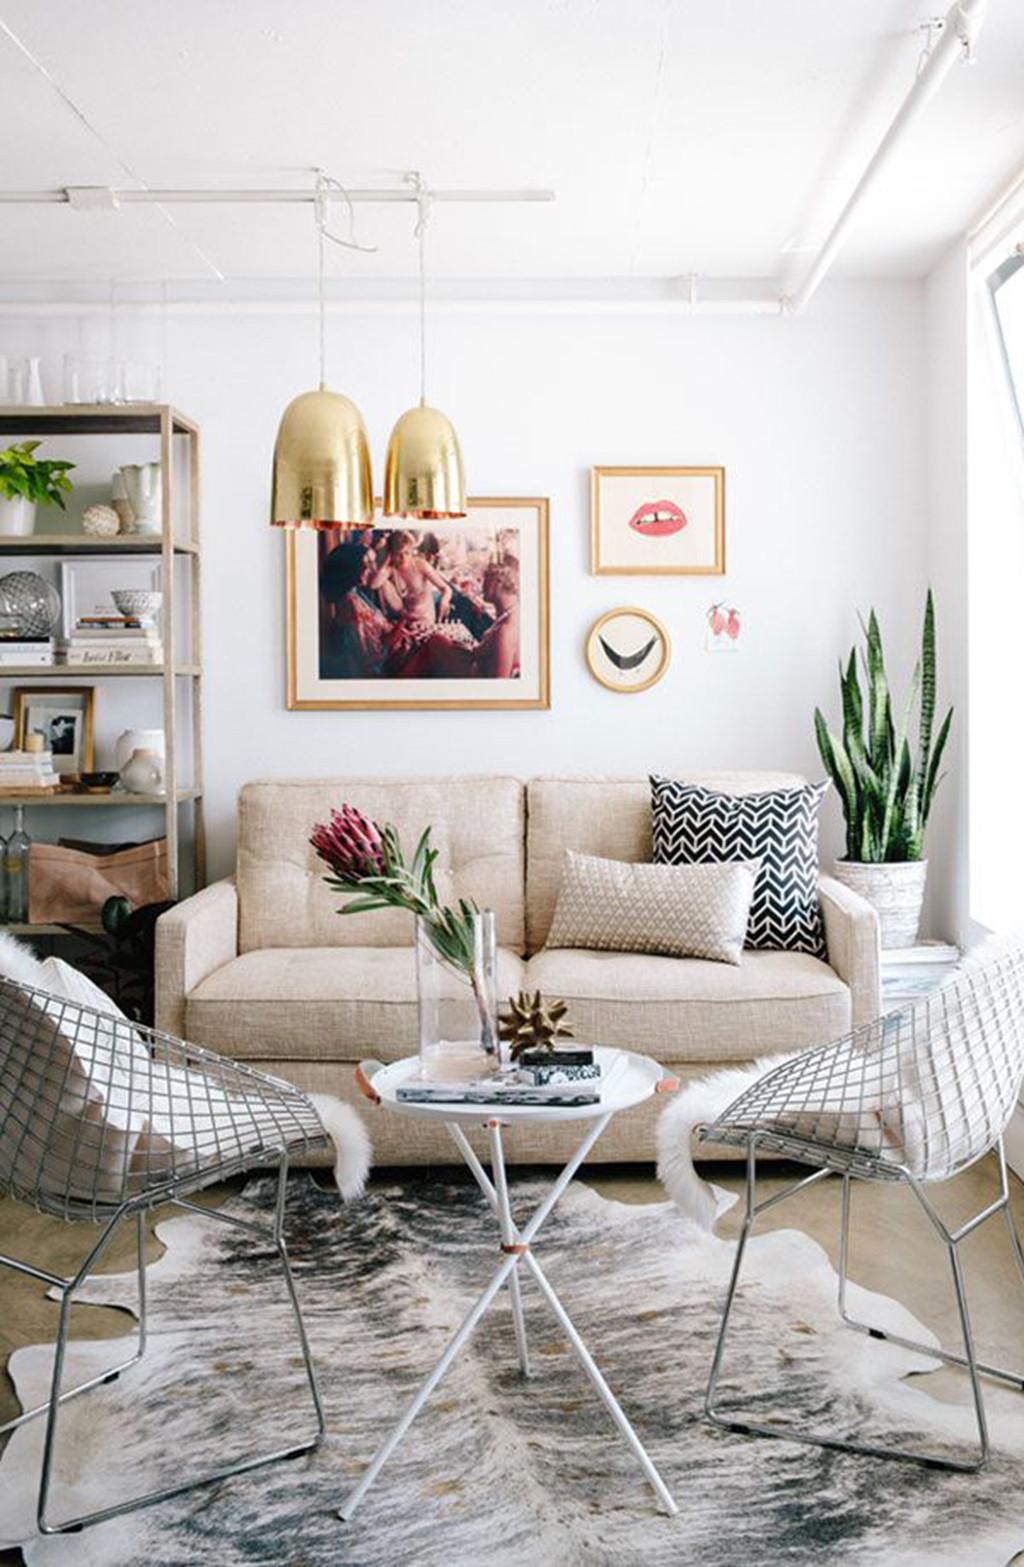 Fullsize Of Living Room Ideaas